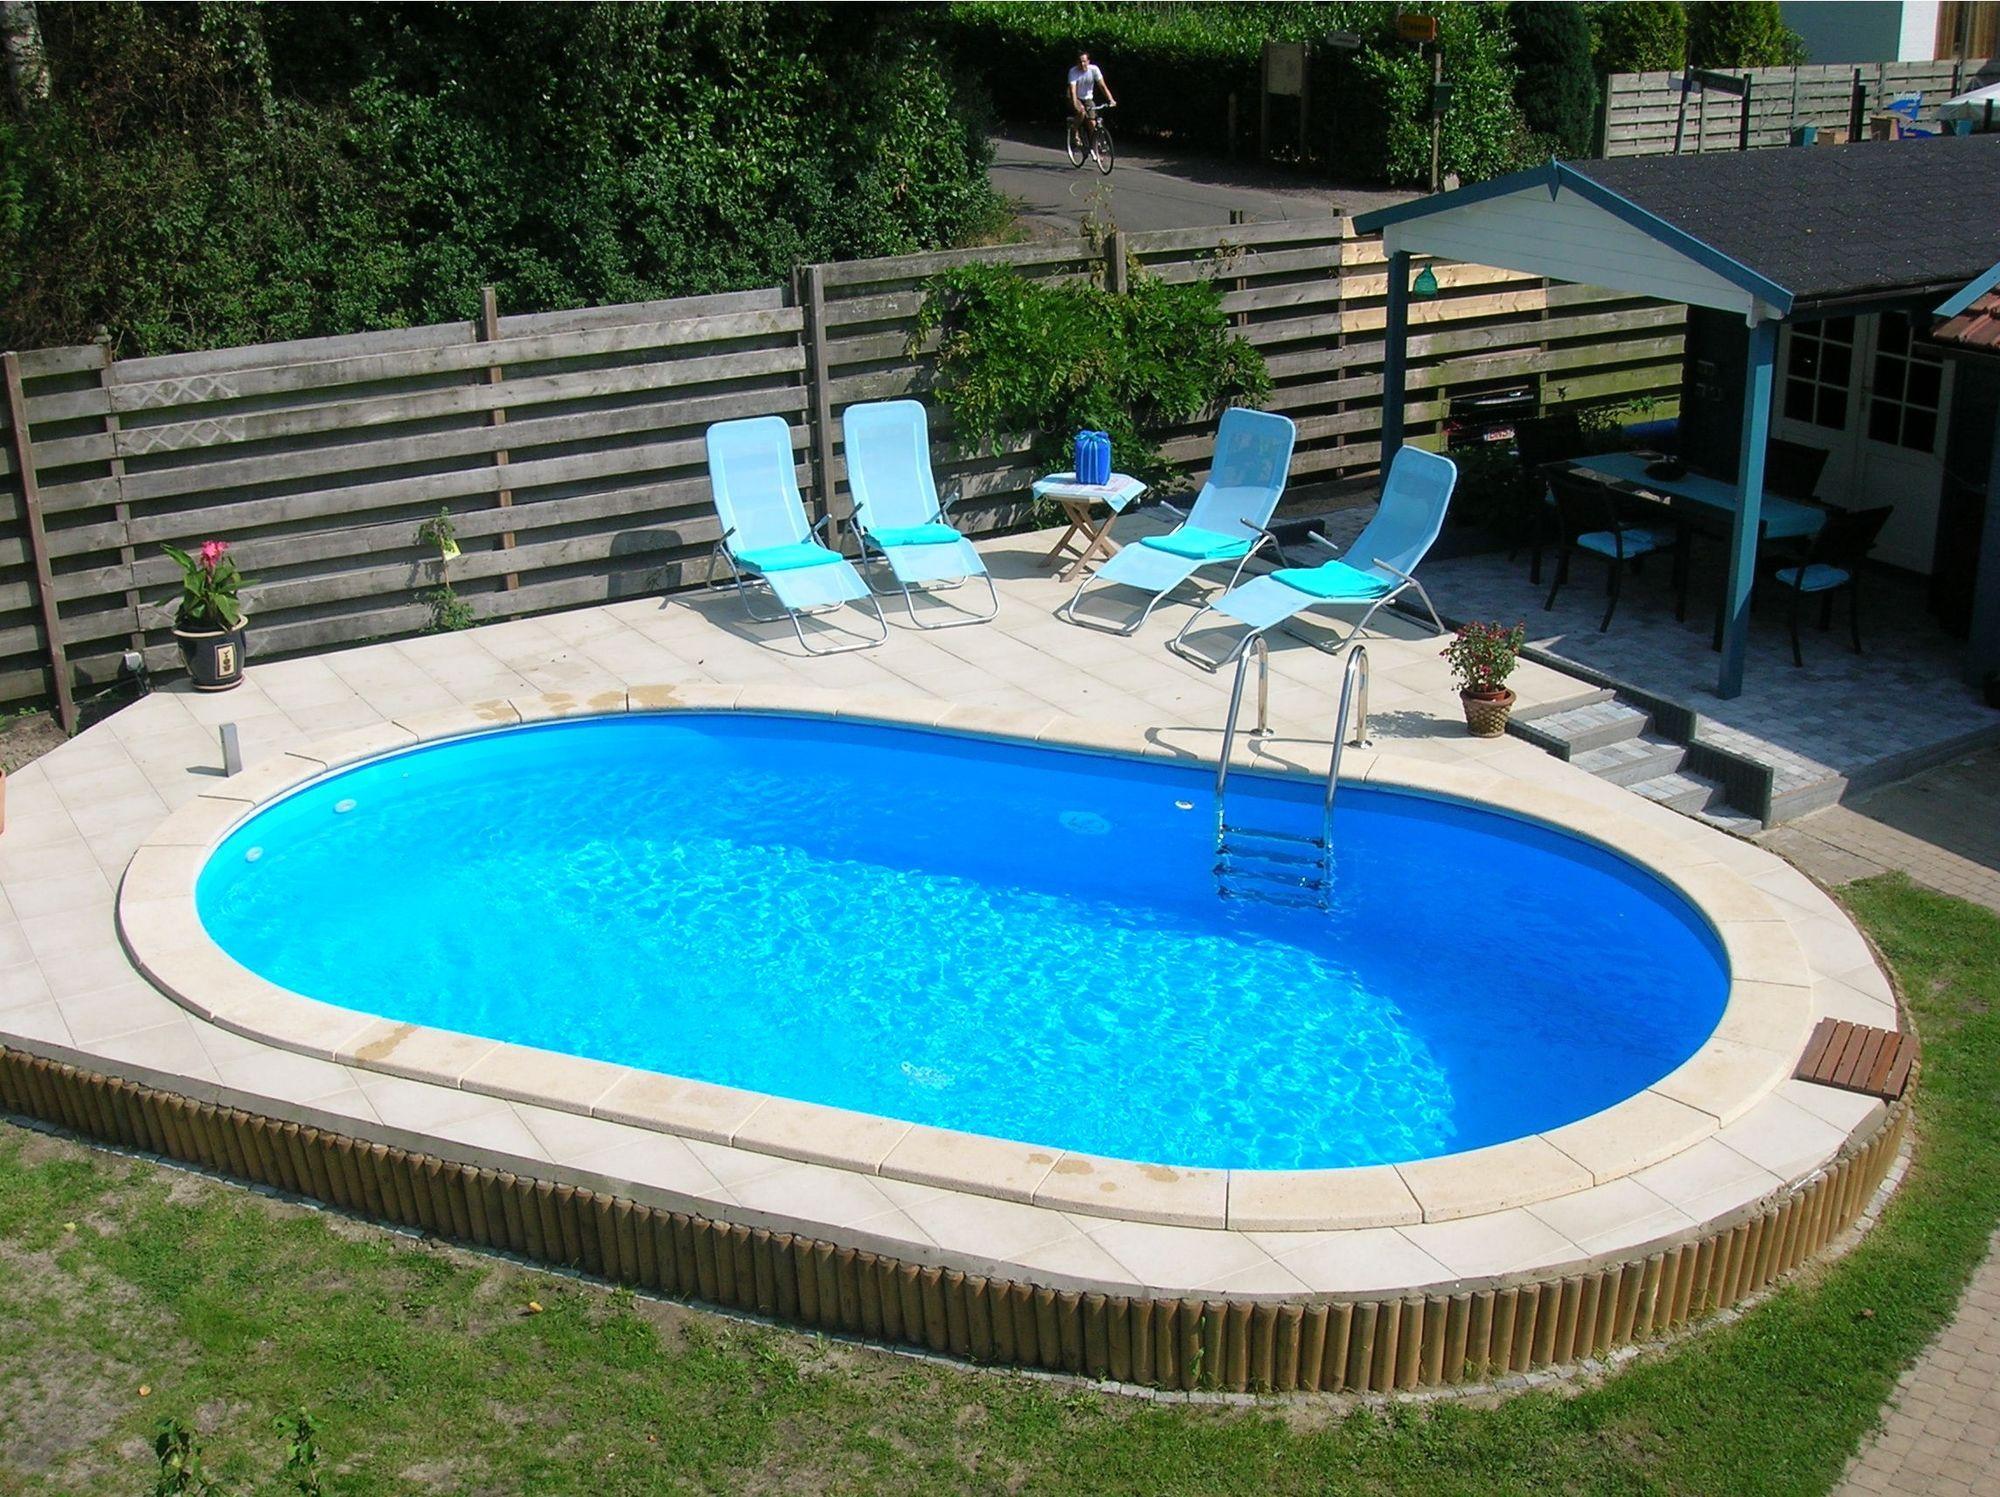 Afbeelding van Happy Pool Ovaal Metalen Zwembad 488 x 300 cm (hoogte 120cm)